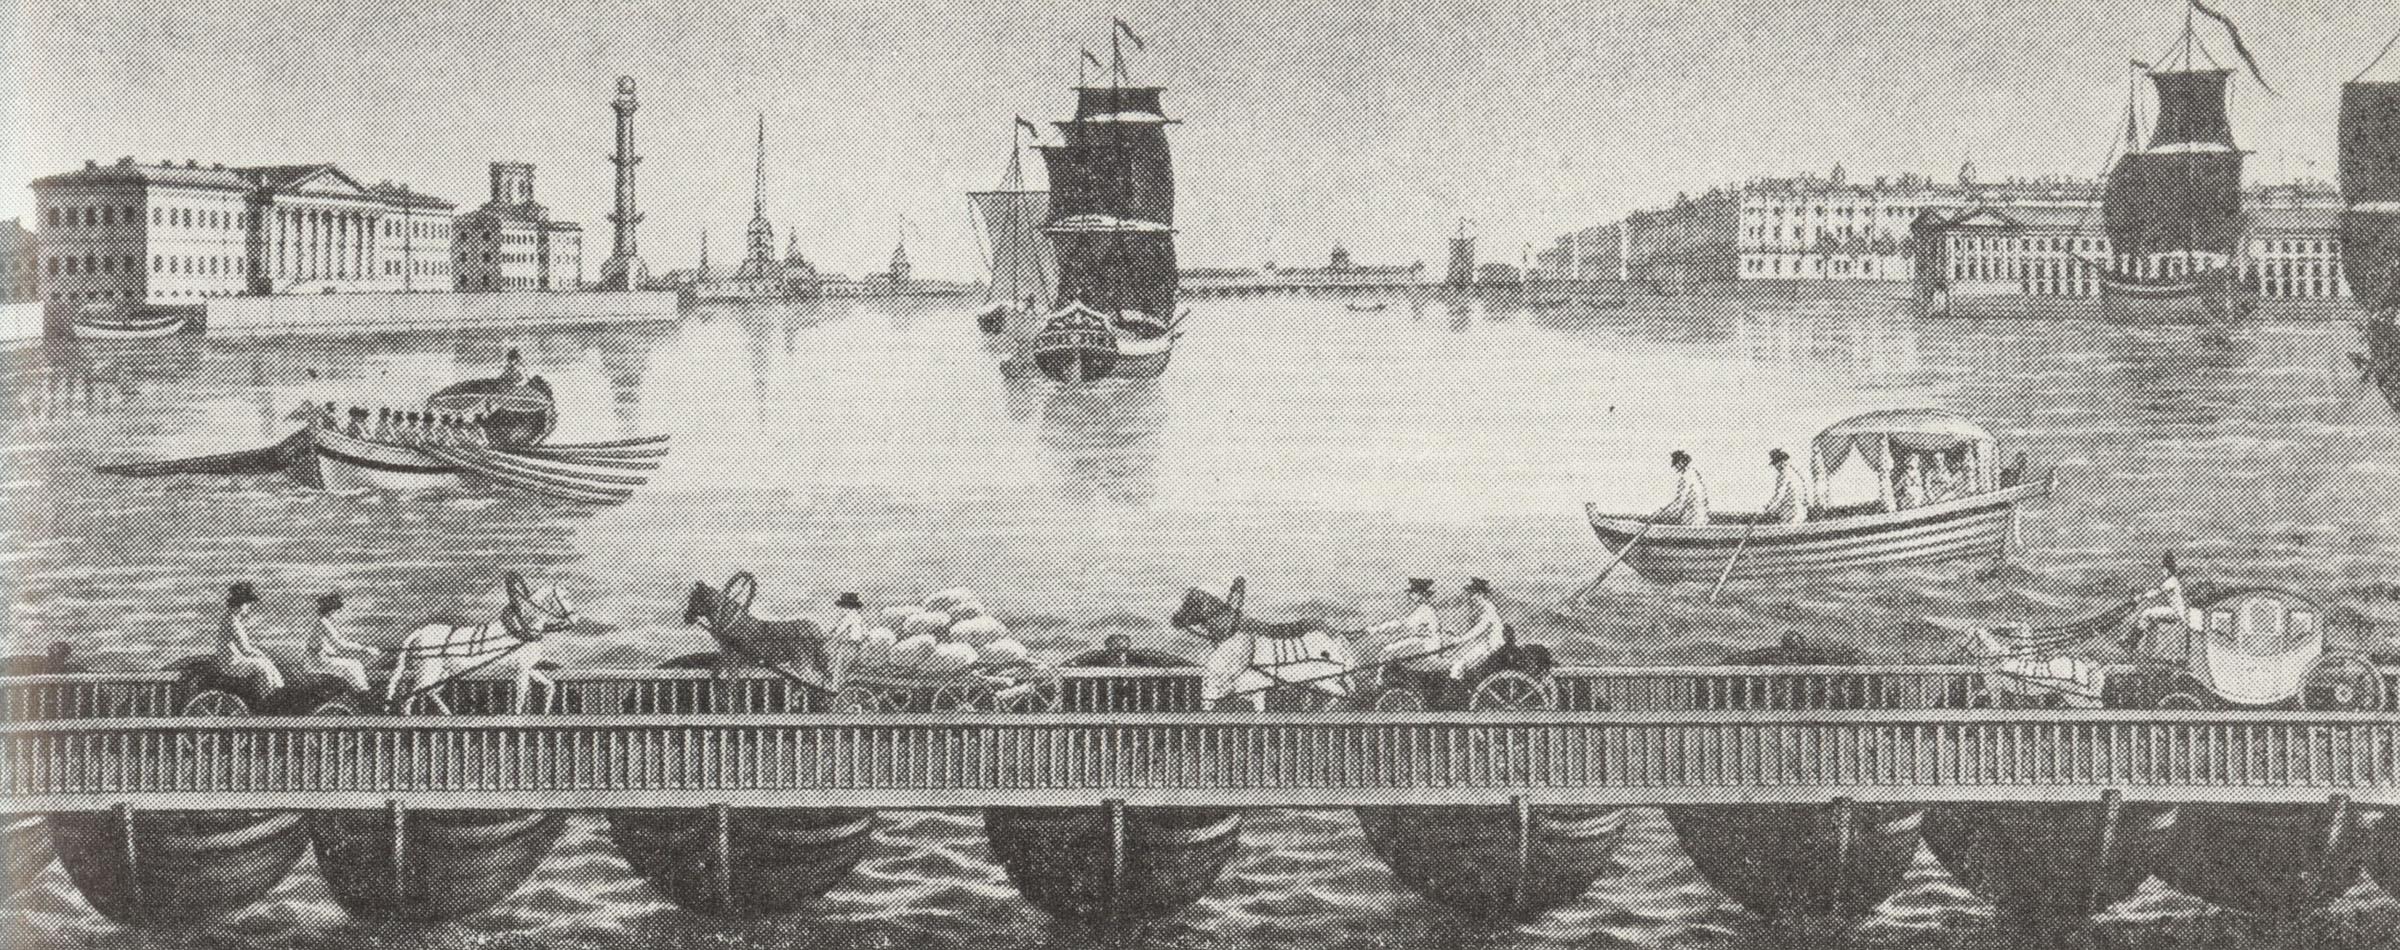 Вид на Исаакиевский наплавной мост и набережные. Гравюра по рисунку М.-Ф. Дамам-Демартре. 1810-е.